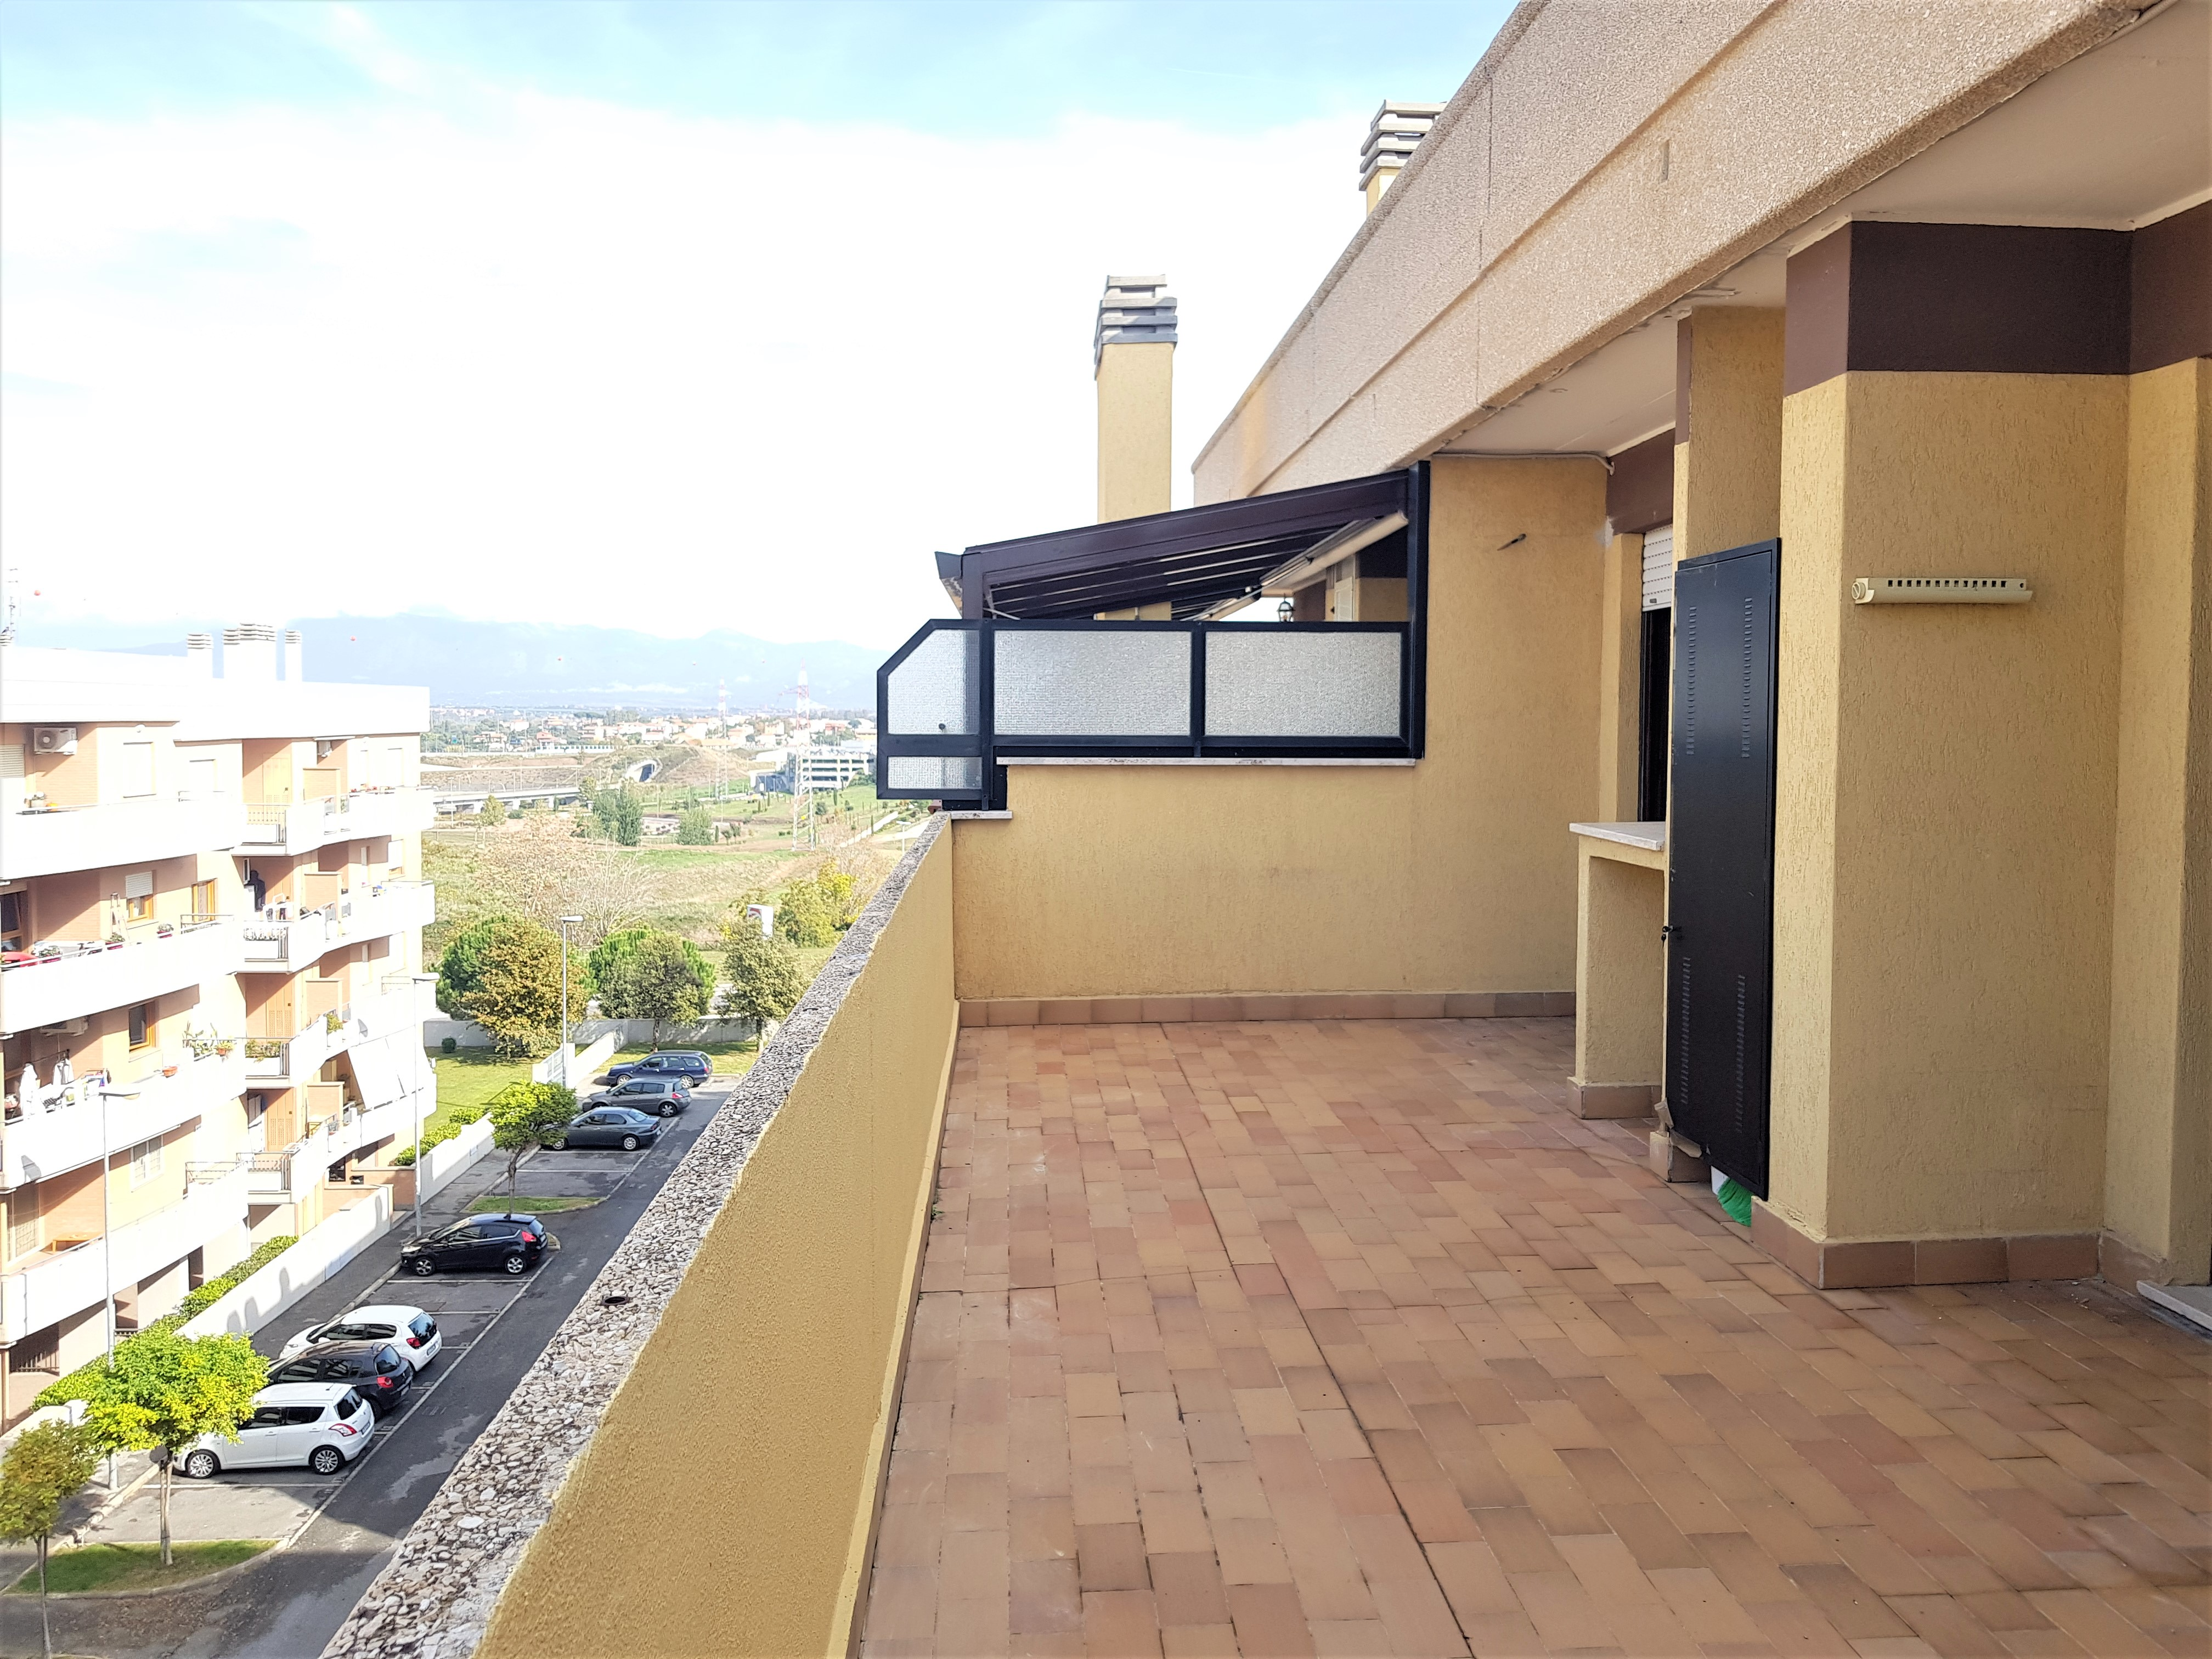 Appartamento in vendita a roma rm ponte di nona case a for Case in vendita ponte di nona